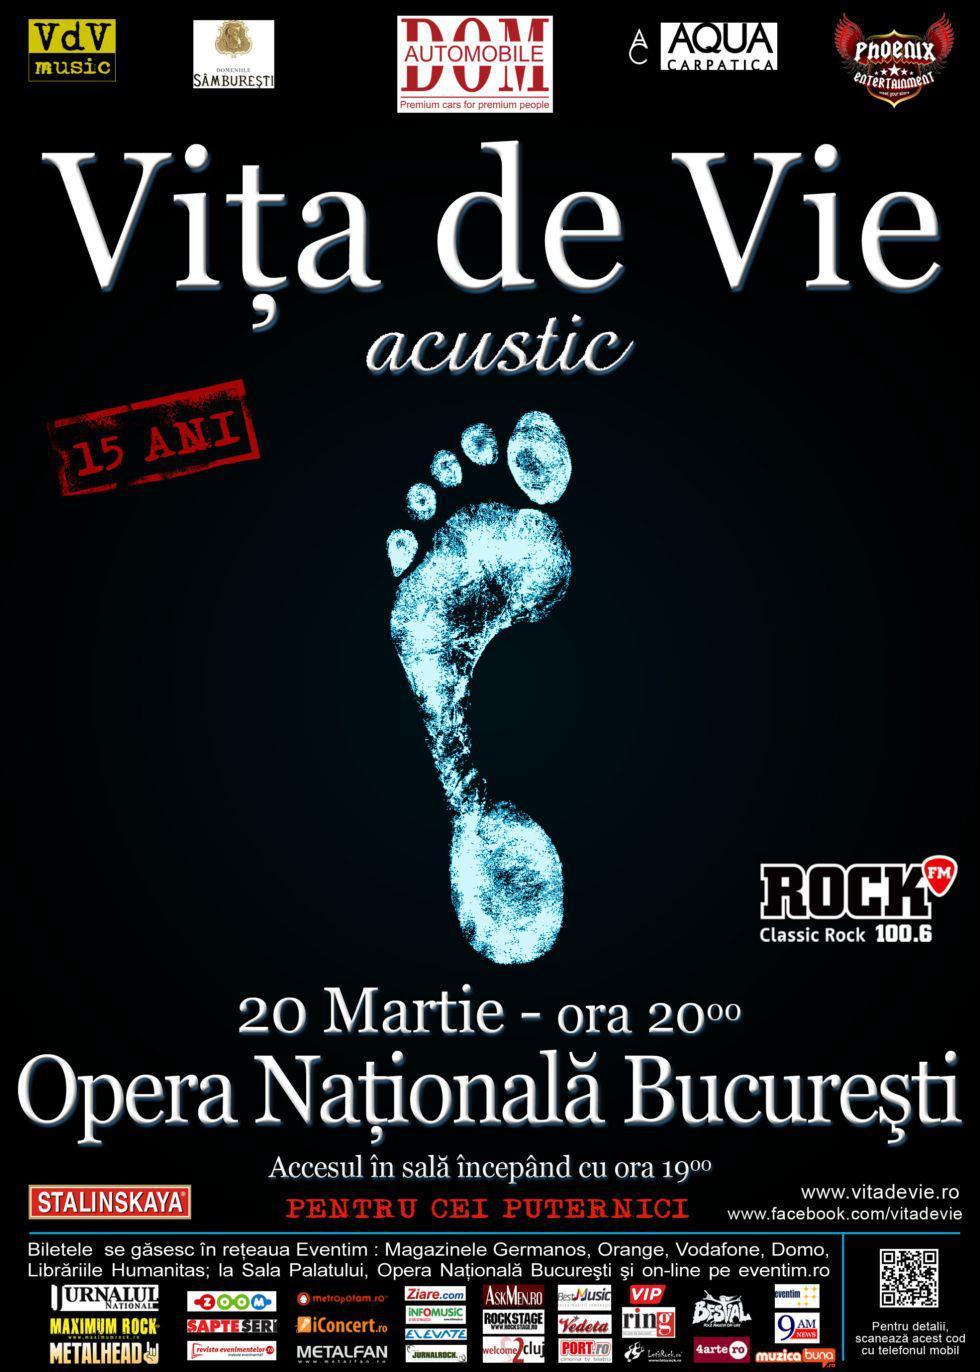 Vita de vie - 20 martie COnceert aniversar la Opera Romana